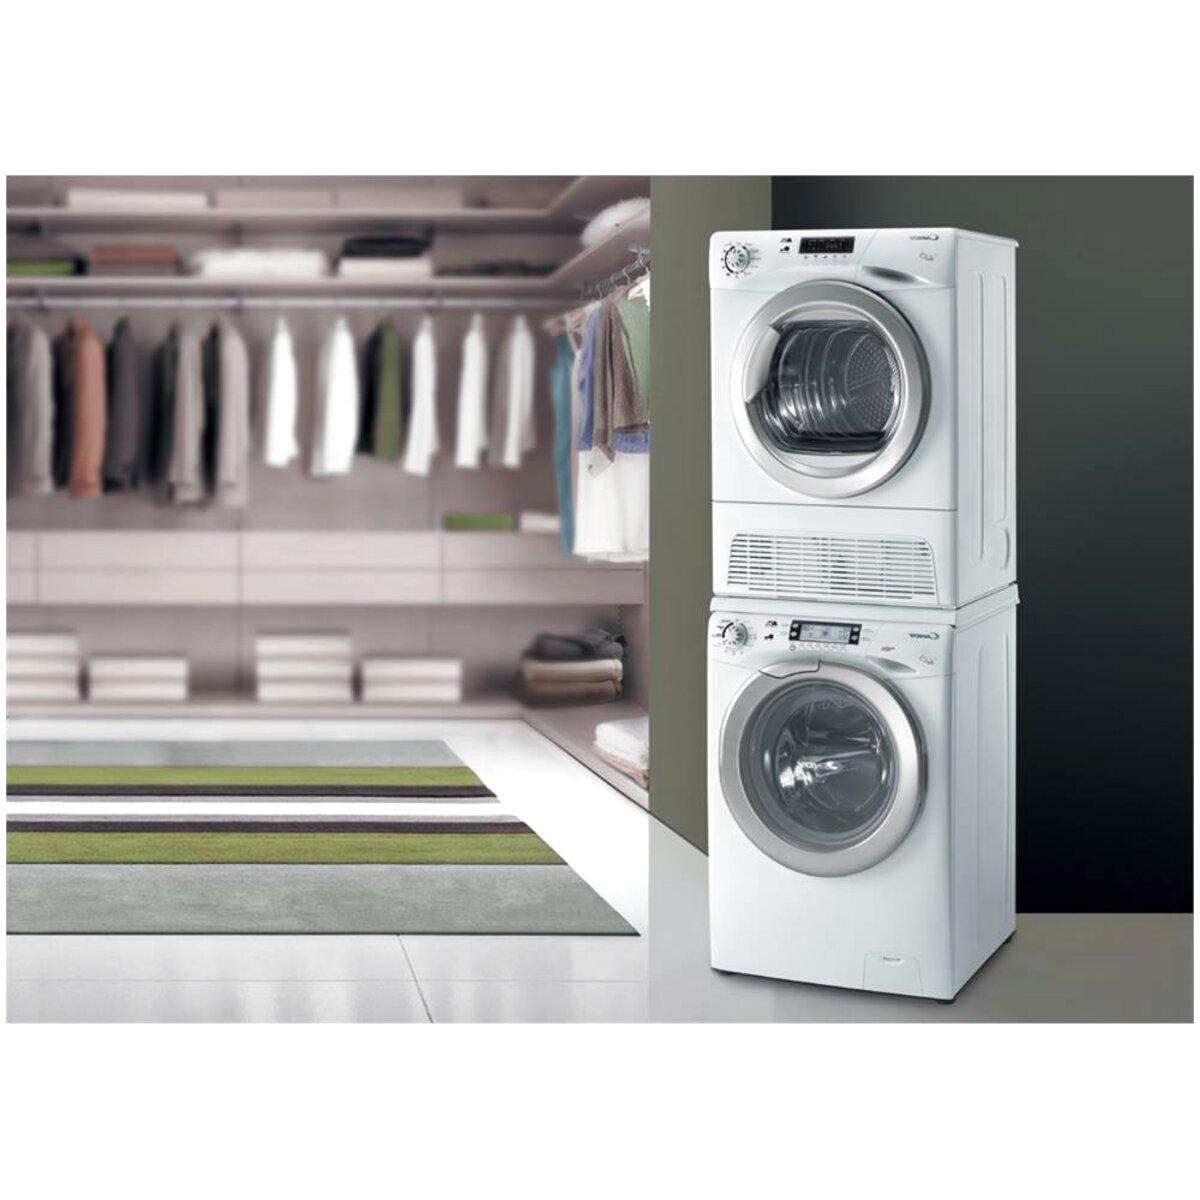 Lavatrice Ed Asciugatrice Sovrapposte lavatrice asciugatrice usato in italia | vedi tutte i 96 prezzi!